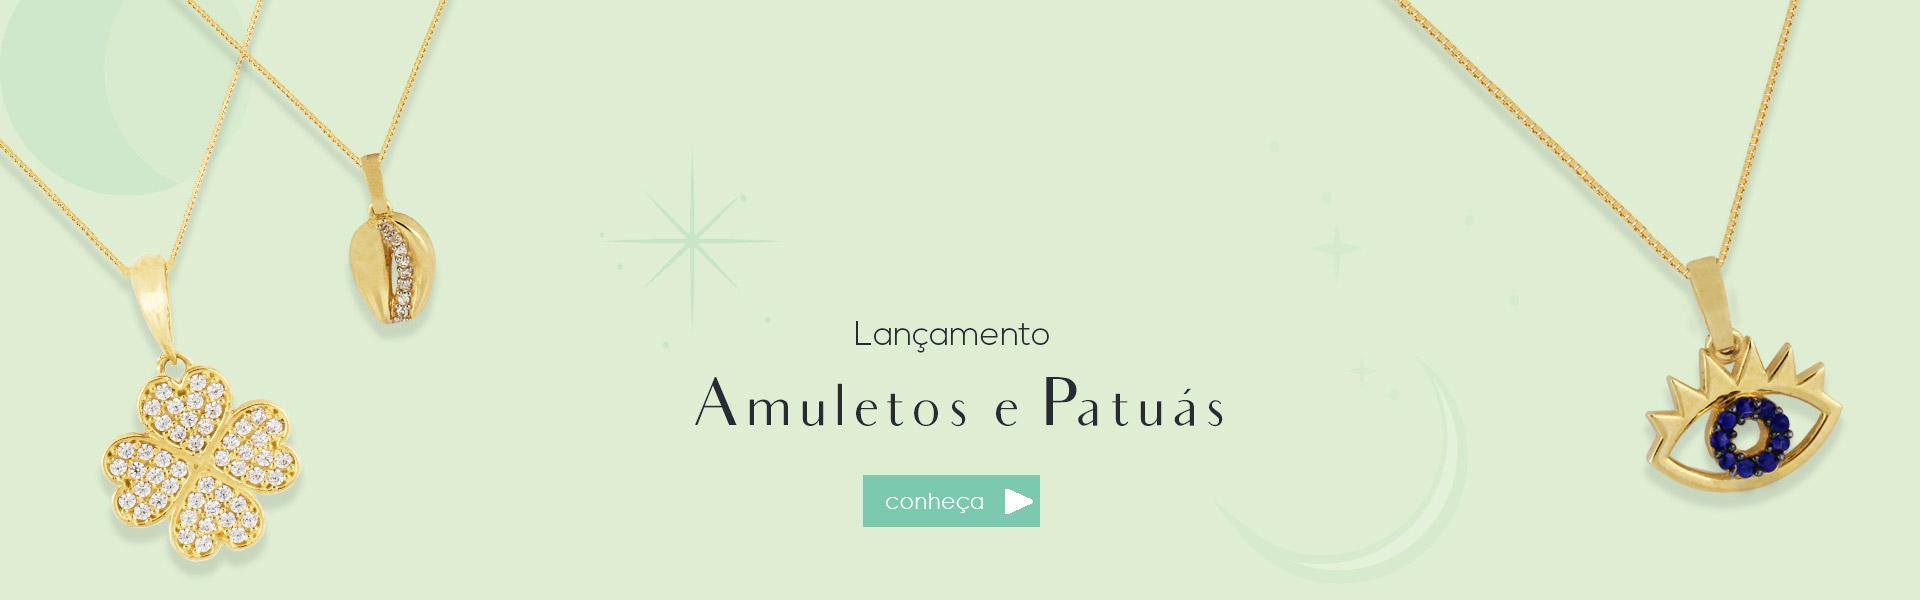 Lançamento Amuletos e Patuás